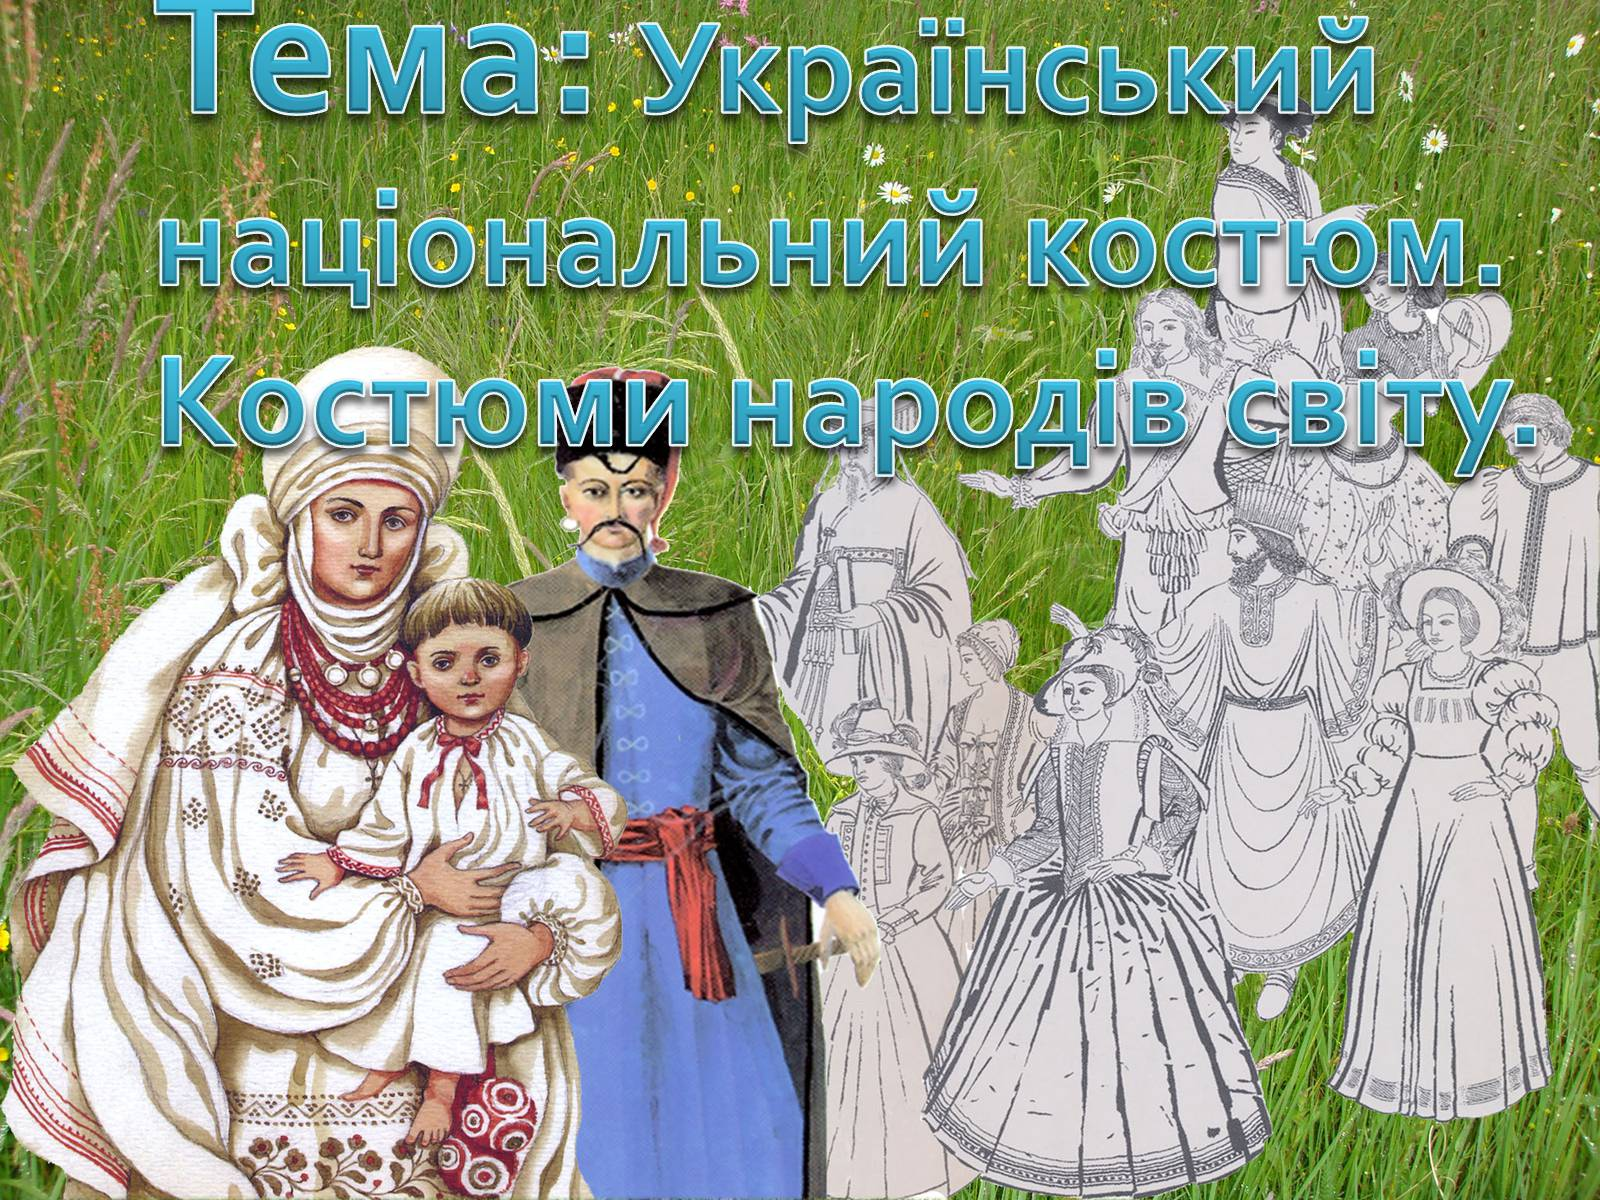 Презентація на тему «Український національний костюм. Костюми народів світу»  - Слайд  1 eb4fd1d402e96